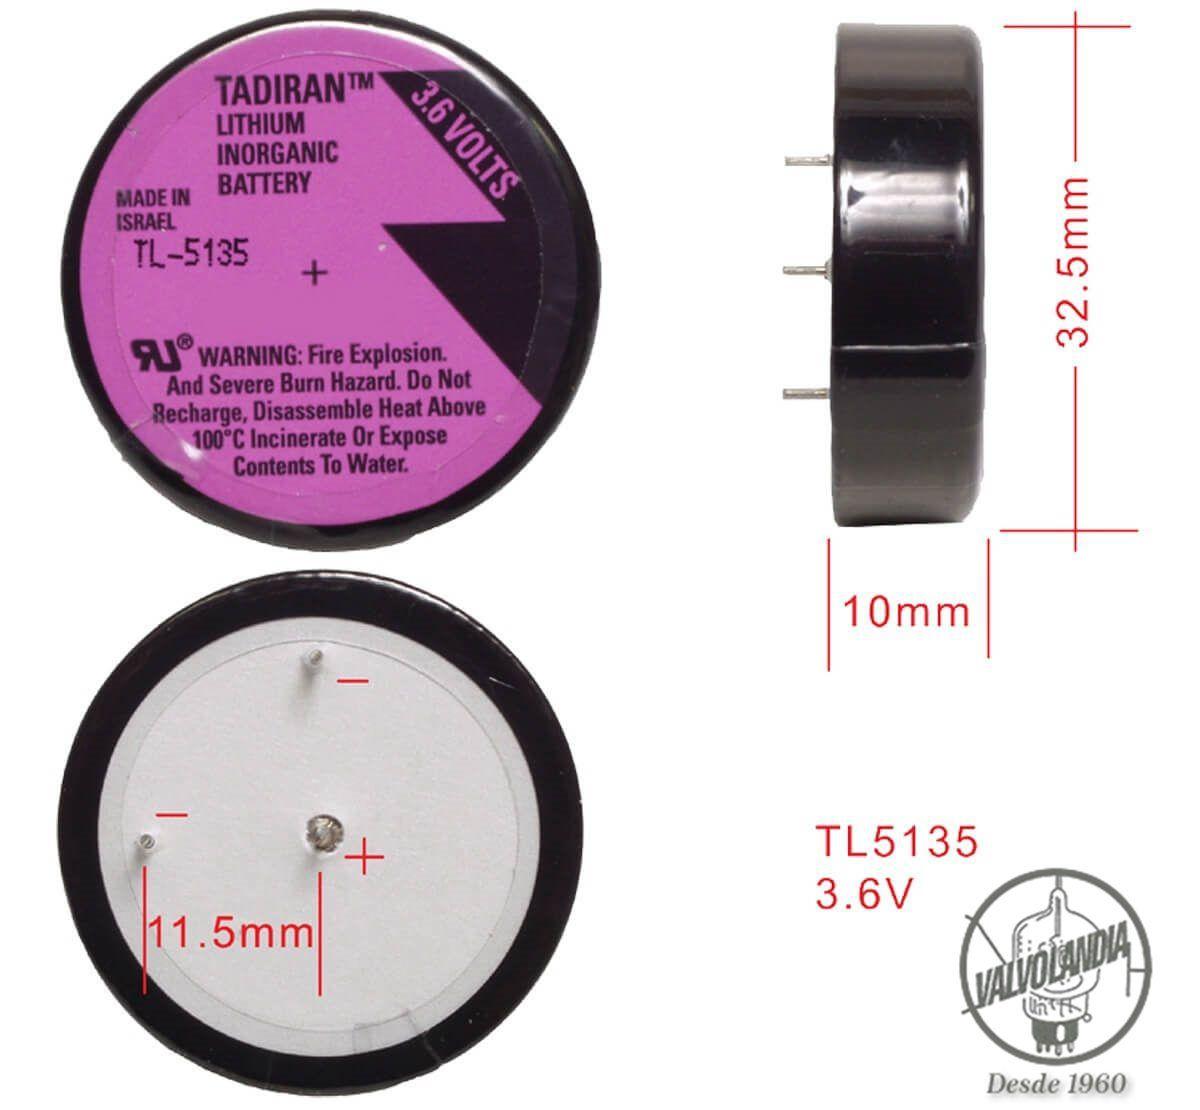 BATERIA TADIRAN TL-5135 3,6V LITHIUM